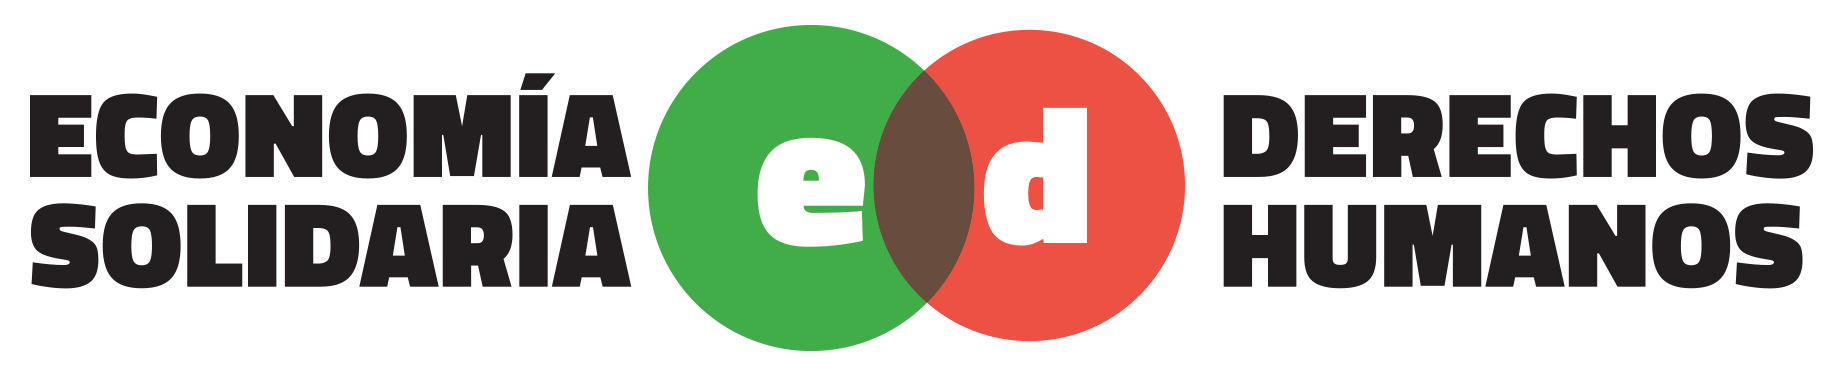 ed_logo_1